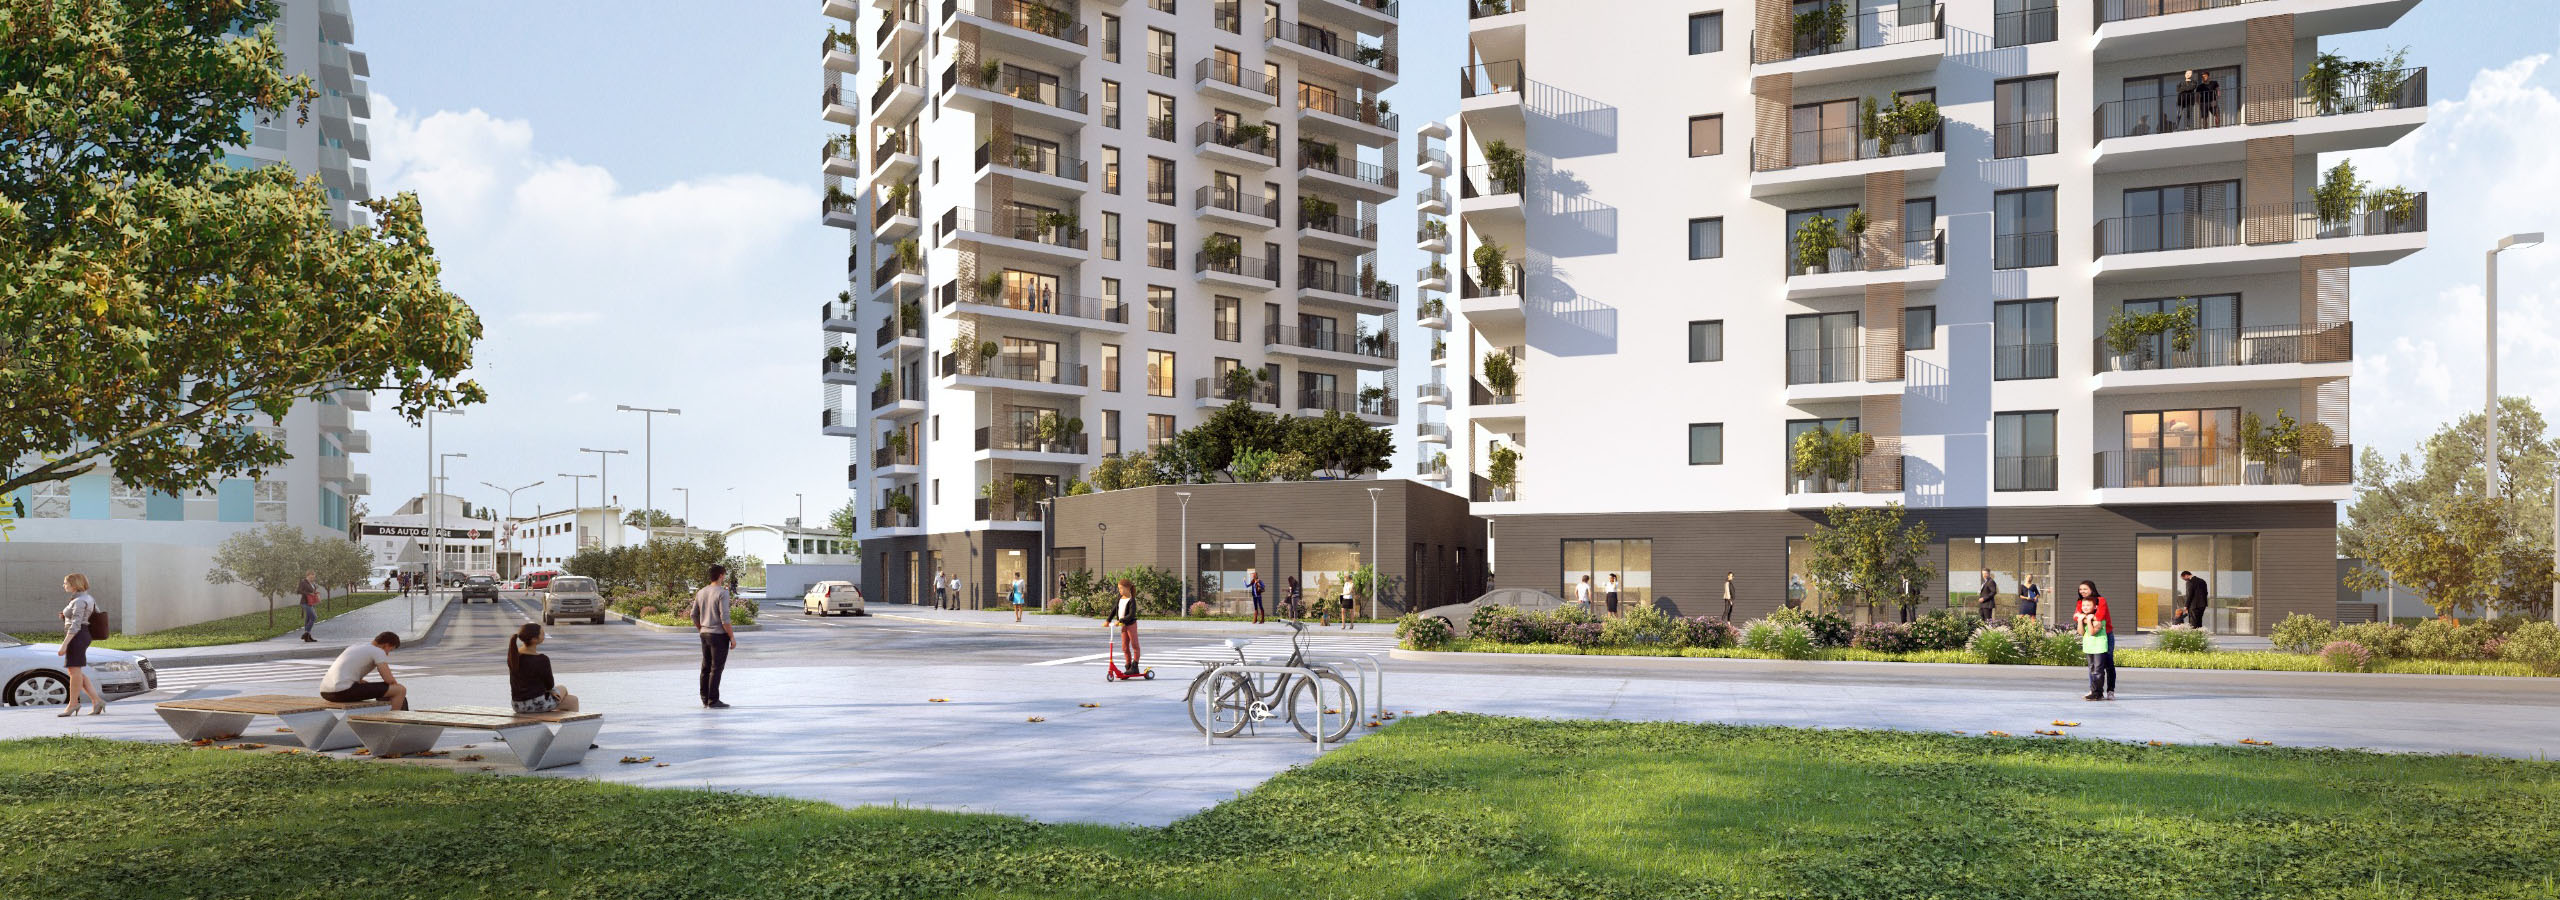 apartamente-de-vanzare-3-camere-bulevardul-basarabia-sector-2